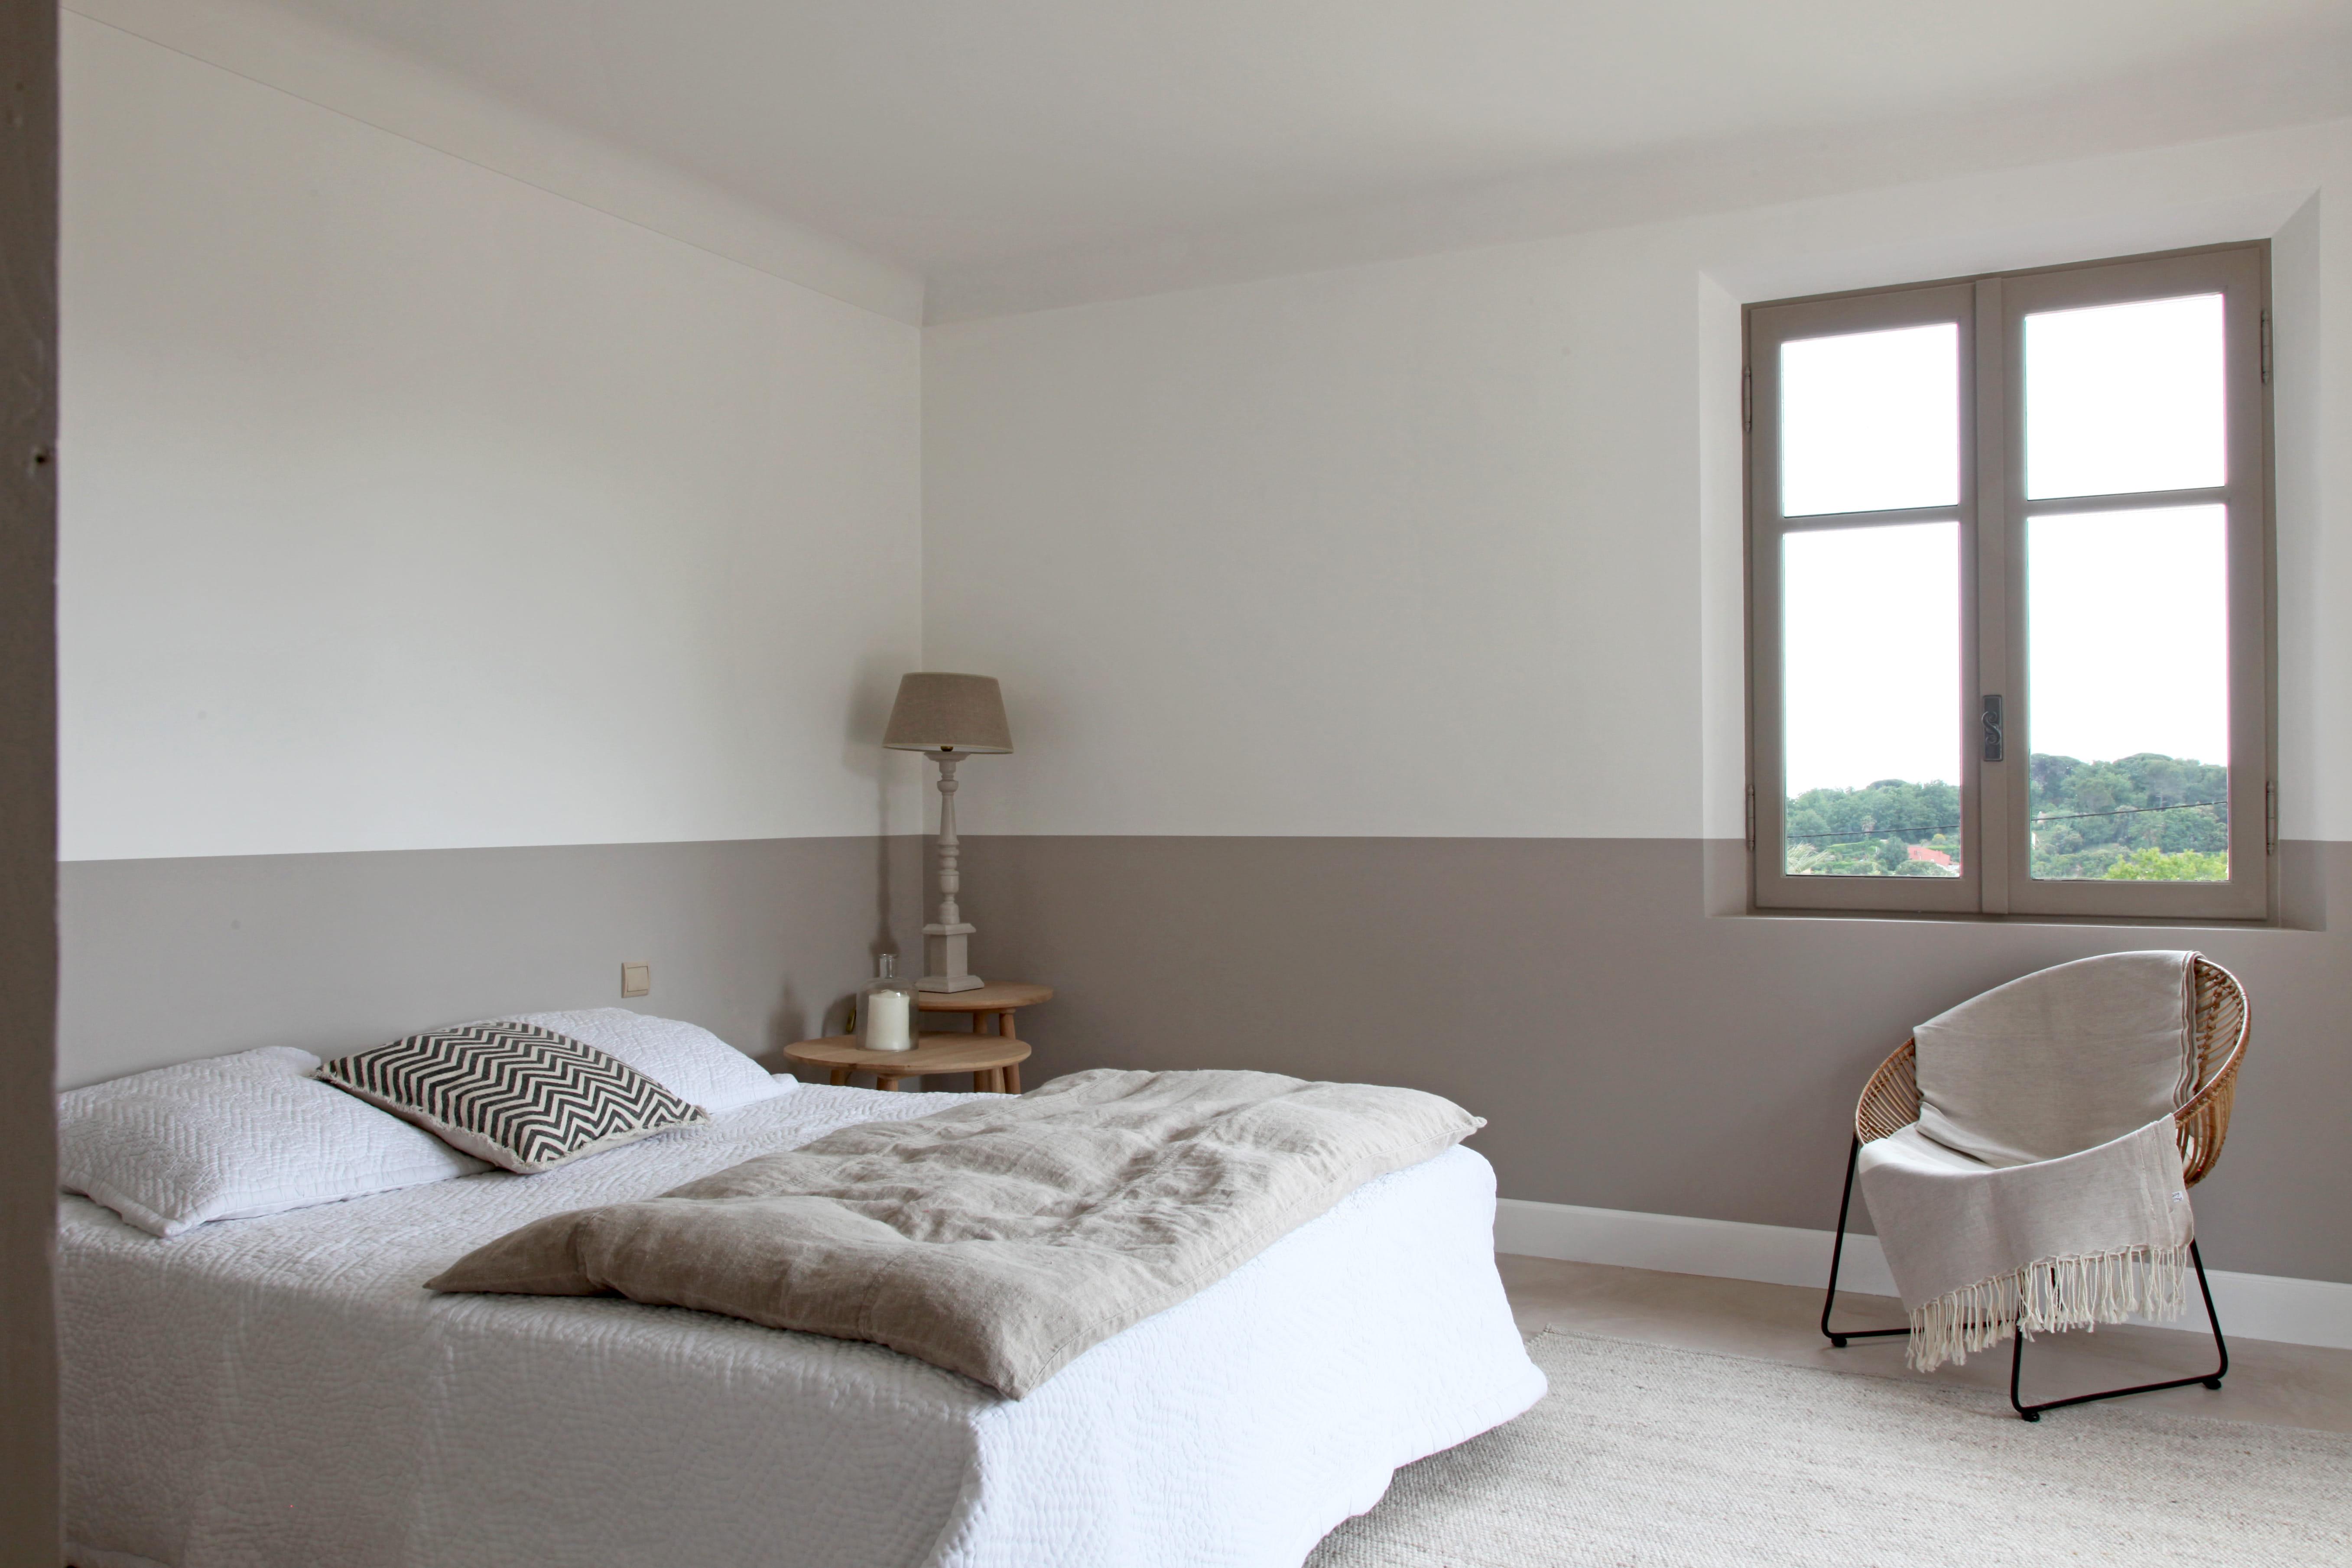 Deco Salon Blanc Et Gris Design : Calme et douceur pour une chambre taupe